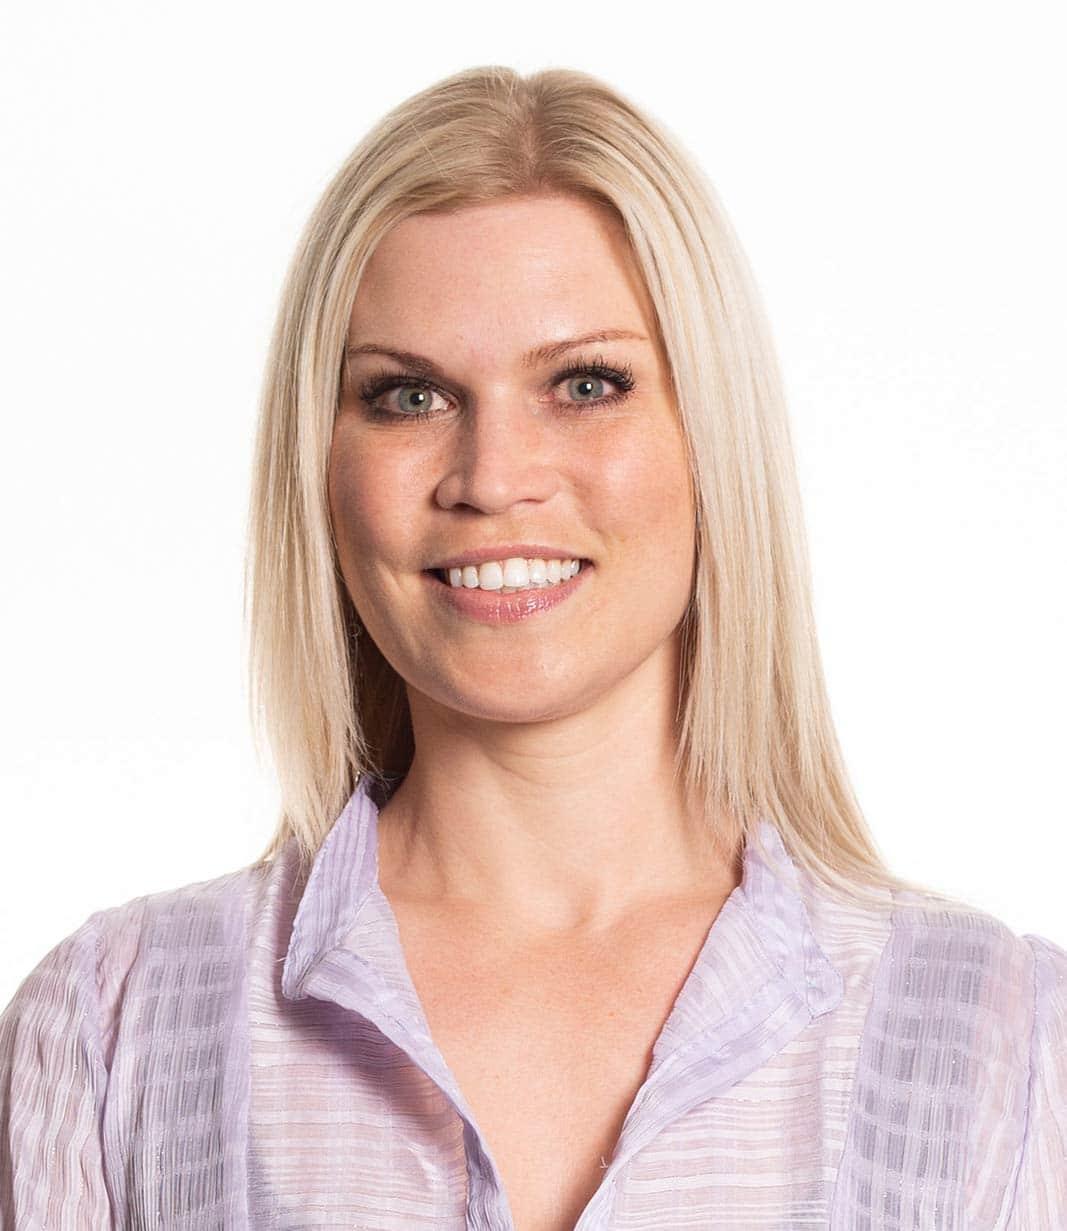 Charlotte Bohnsen